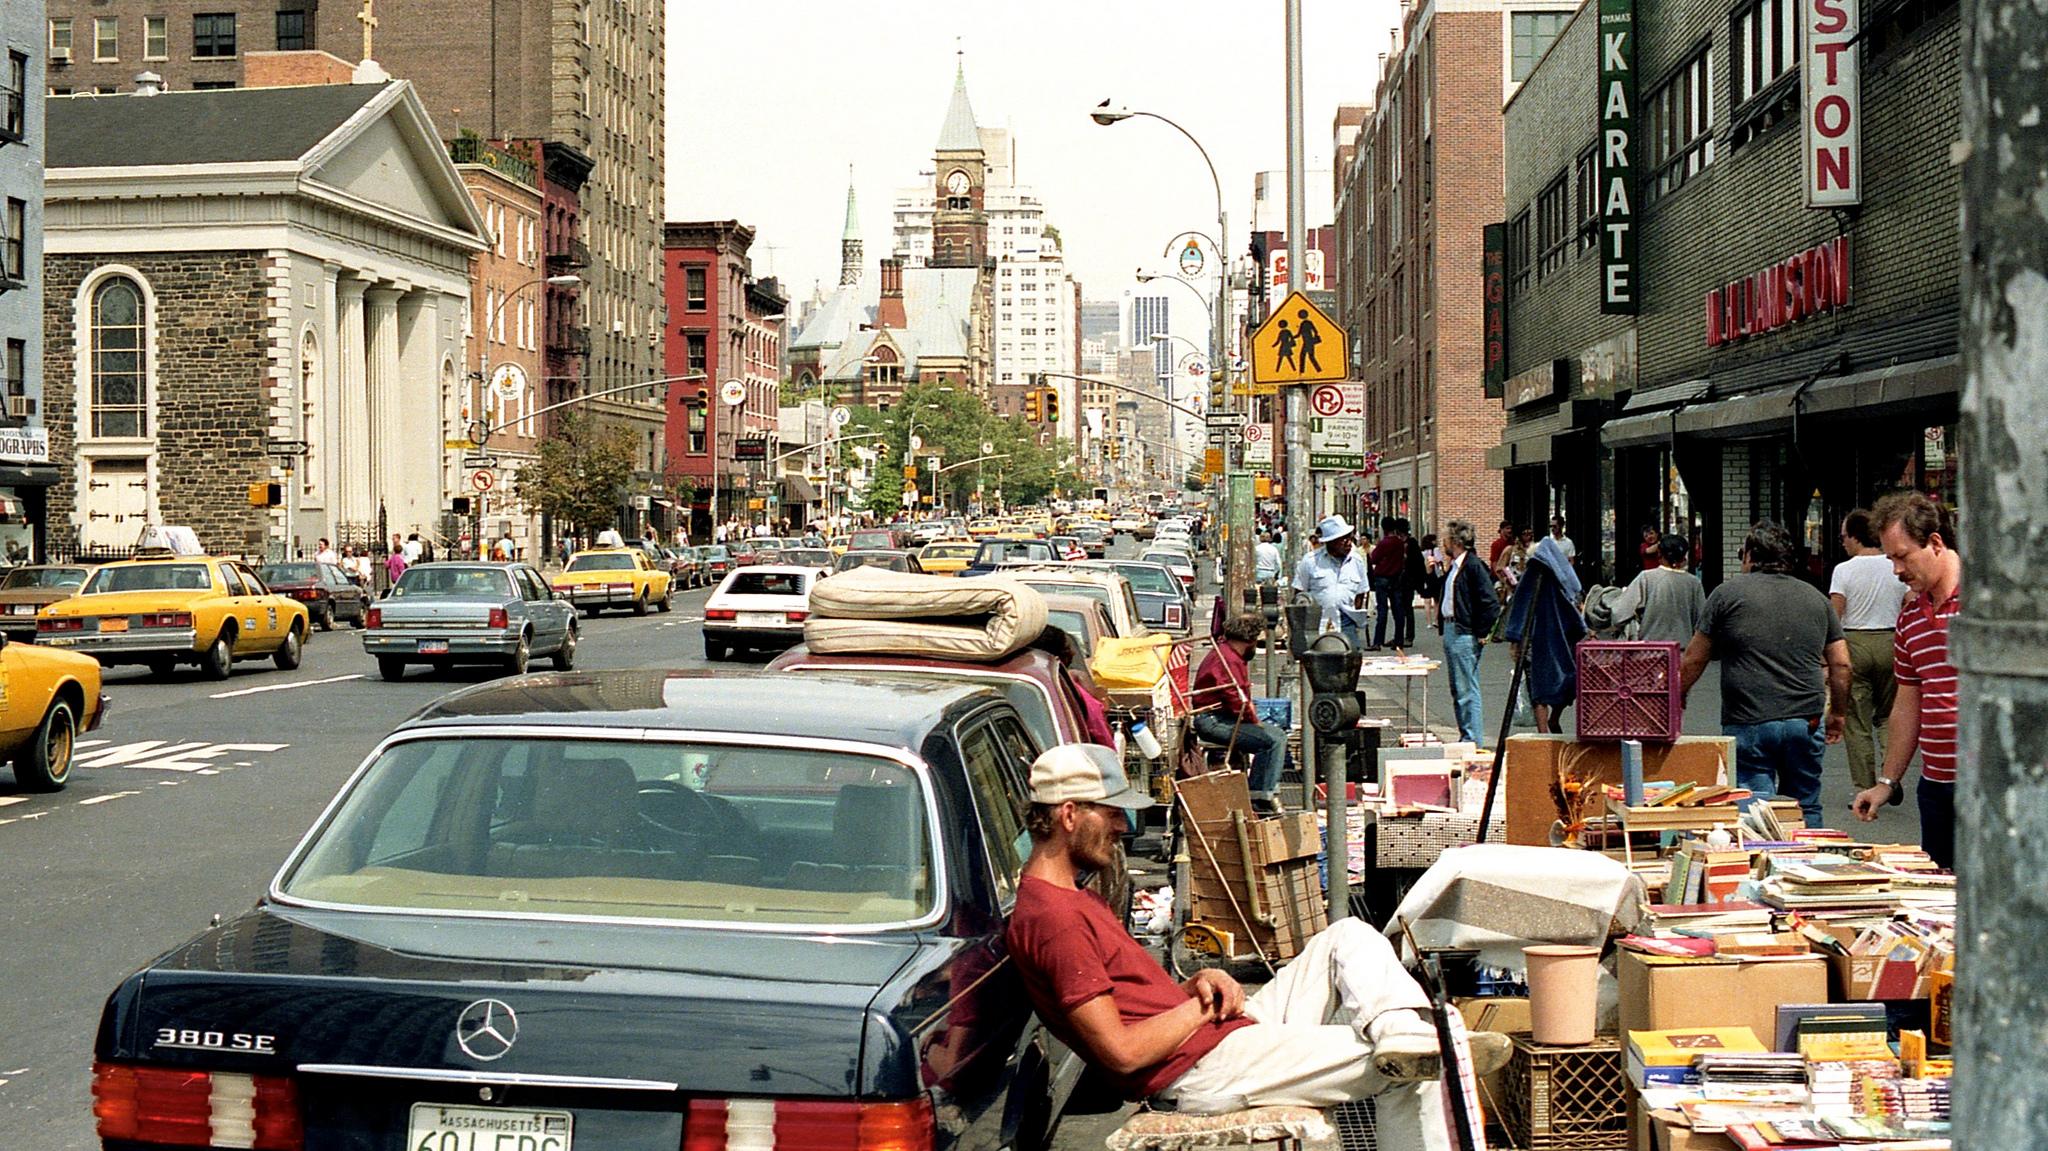 Soho Noho New York